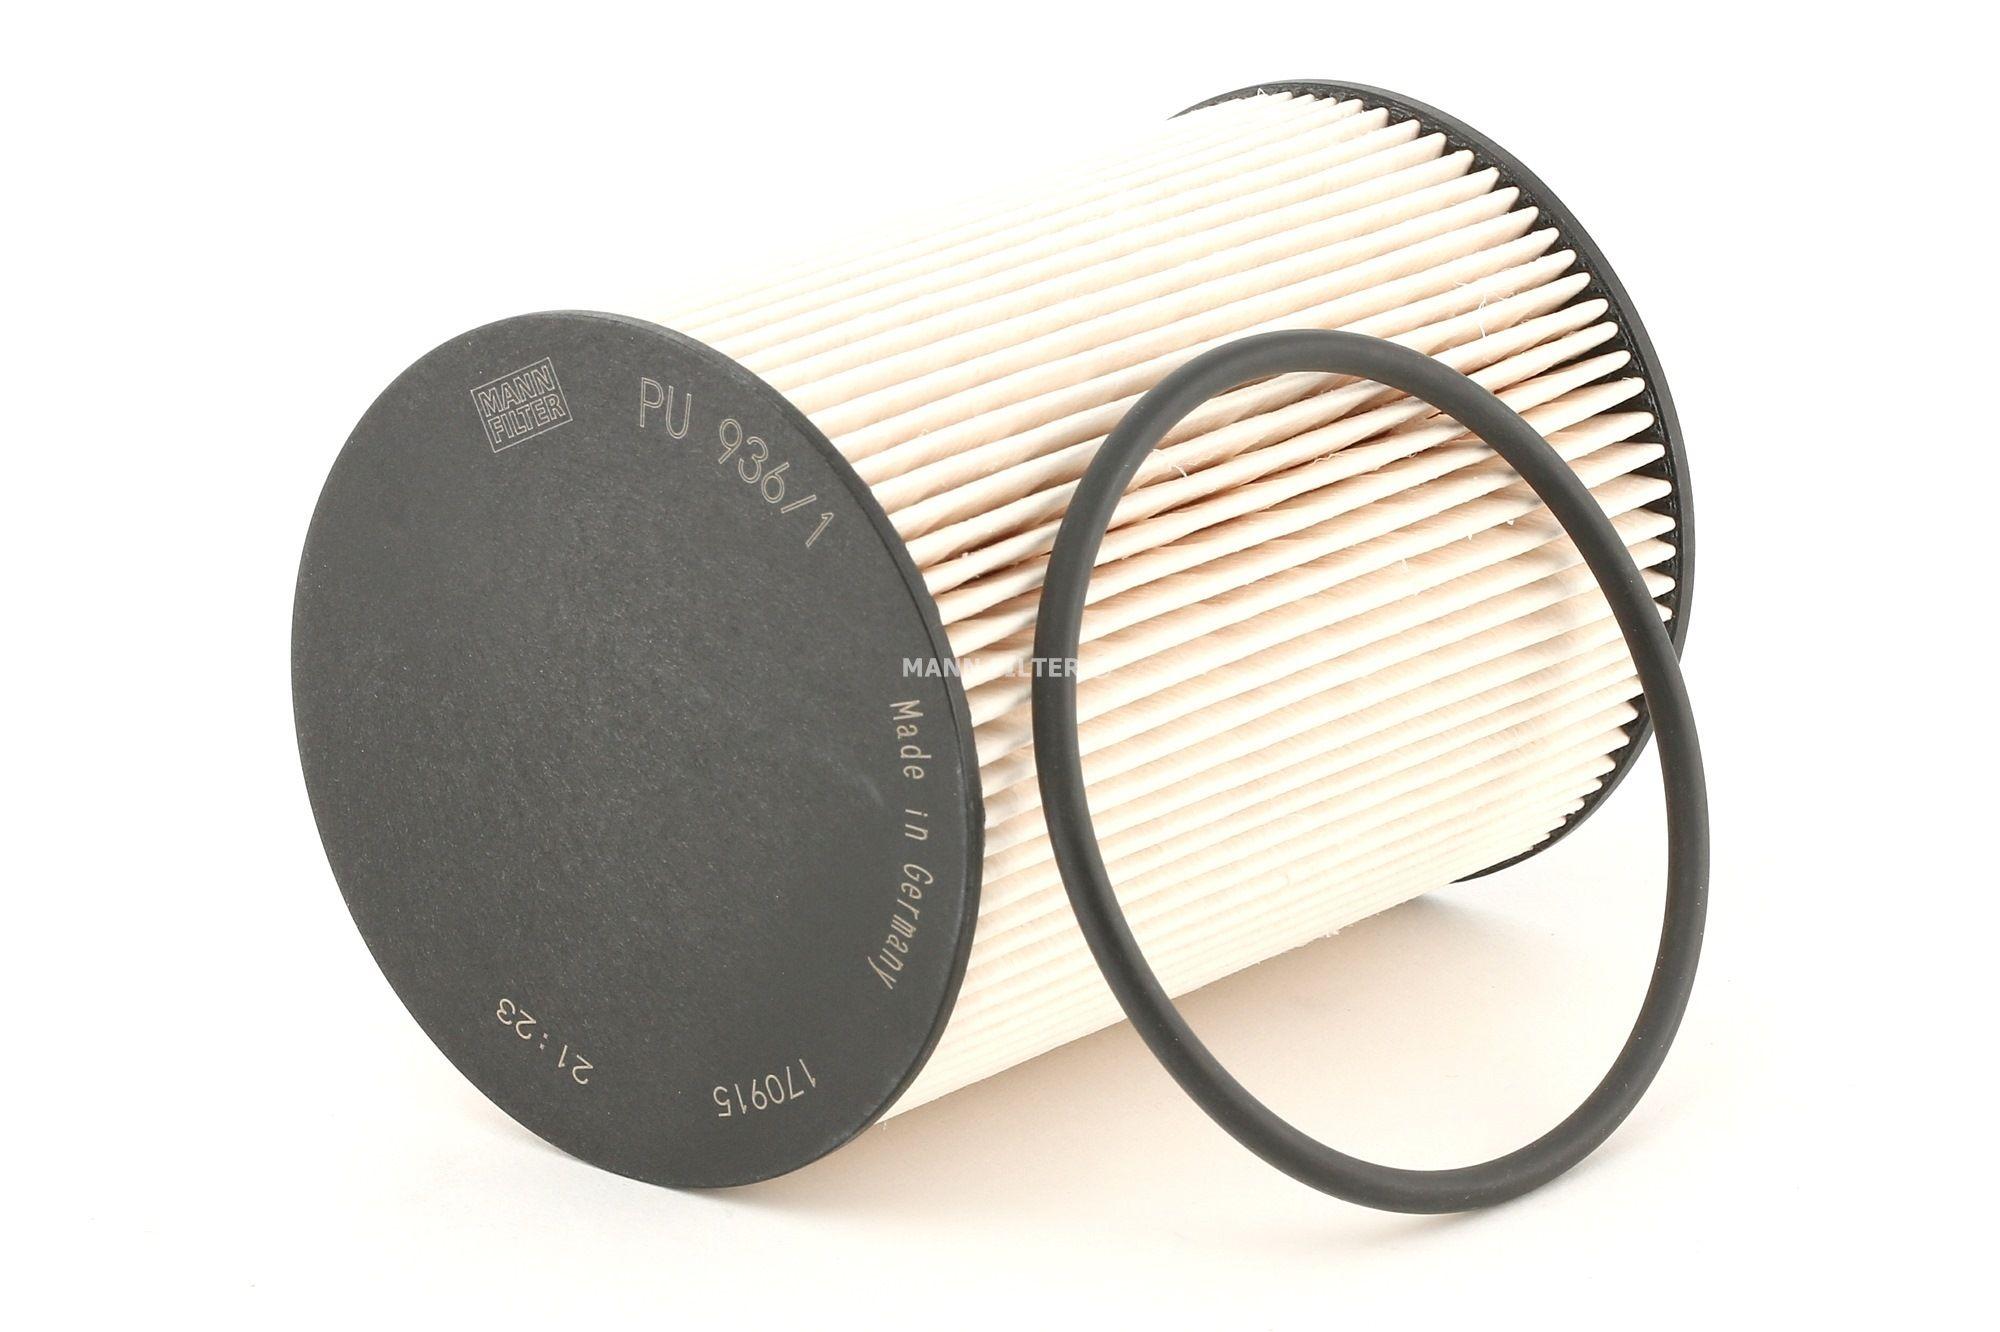 Spritfilter MANN-FILTER PU 936/1 x Bewertung